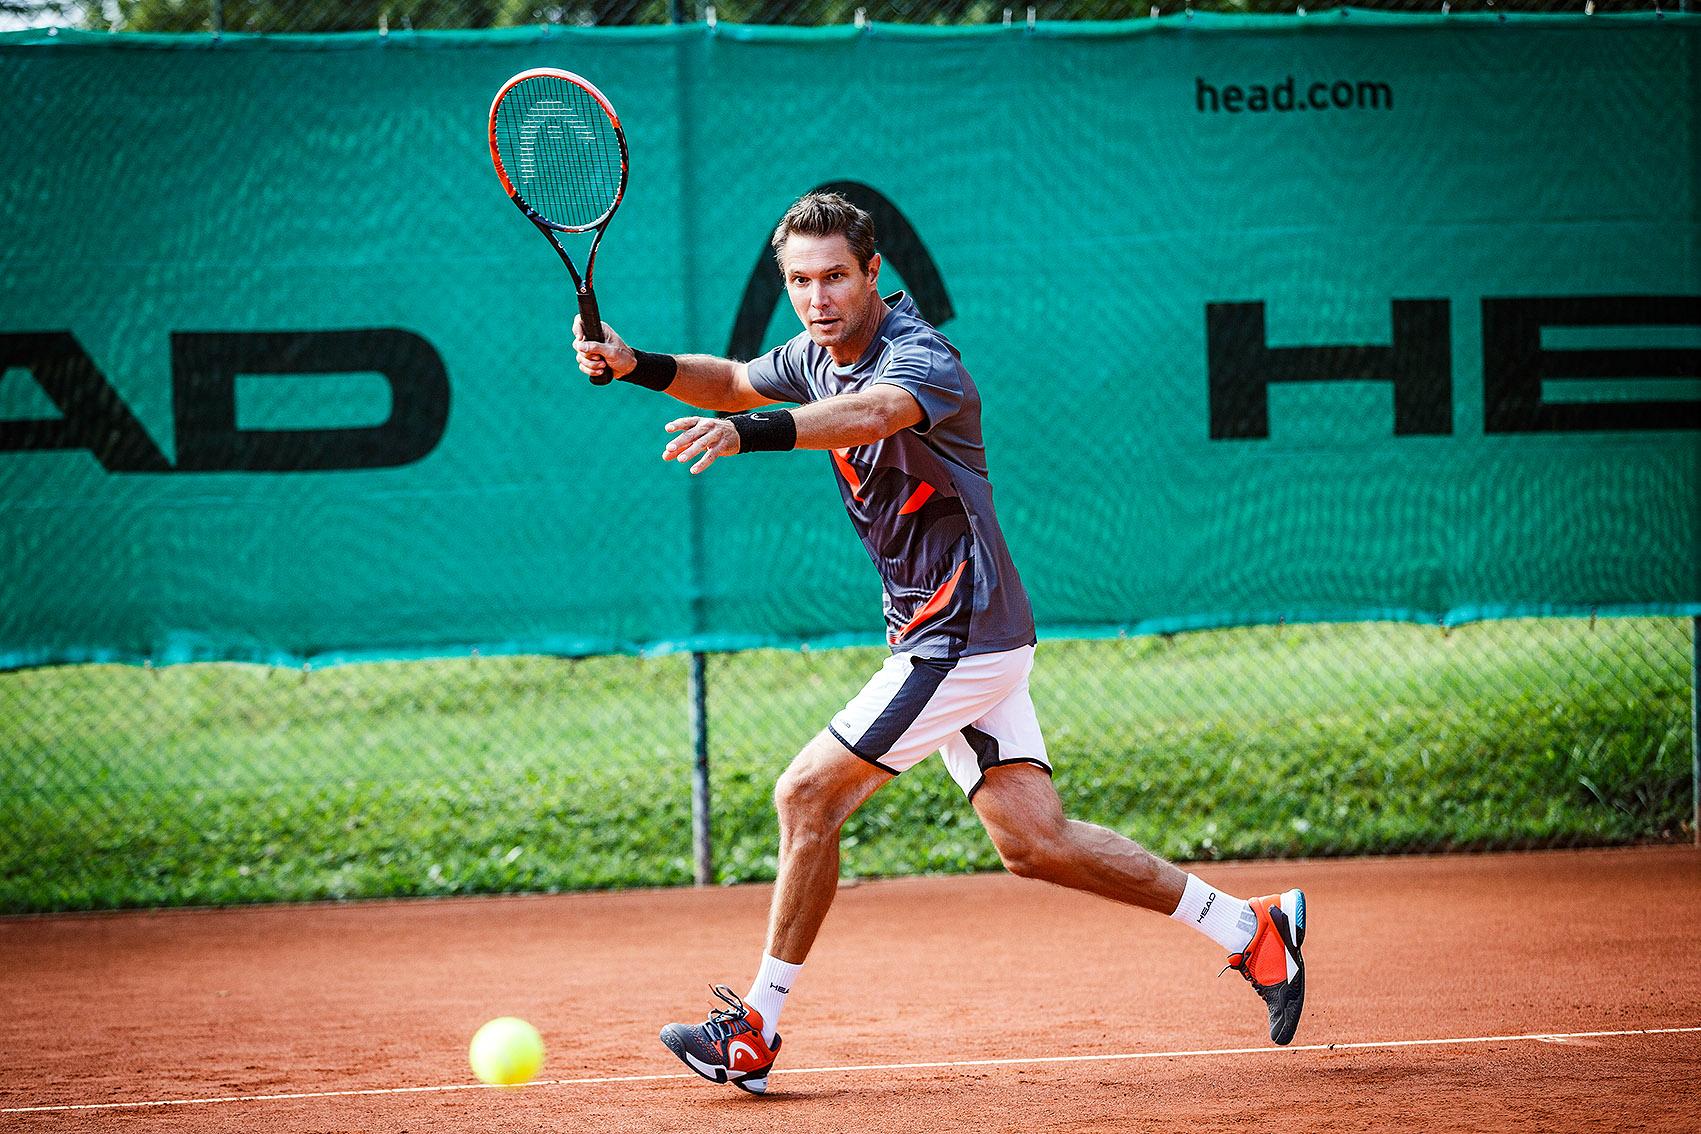 HEAD тенис ТУРНИР ЗА ЛЮБИТЕЛИ на 13 корта в Албена